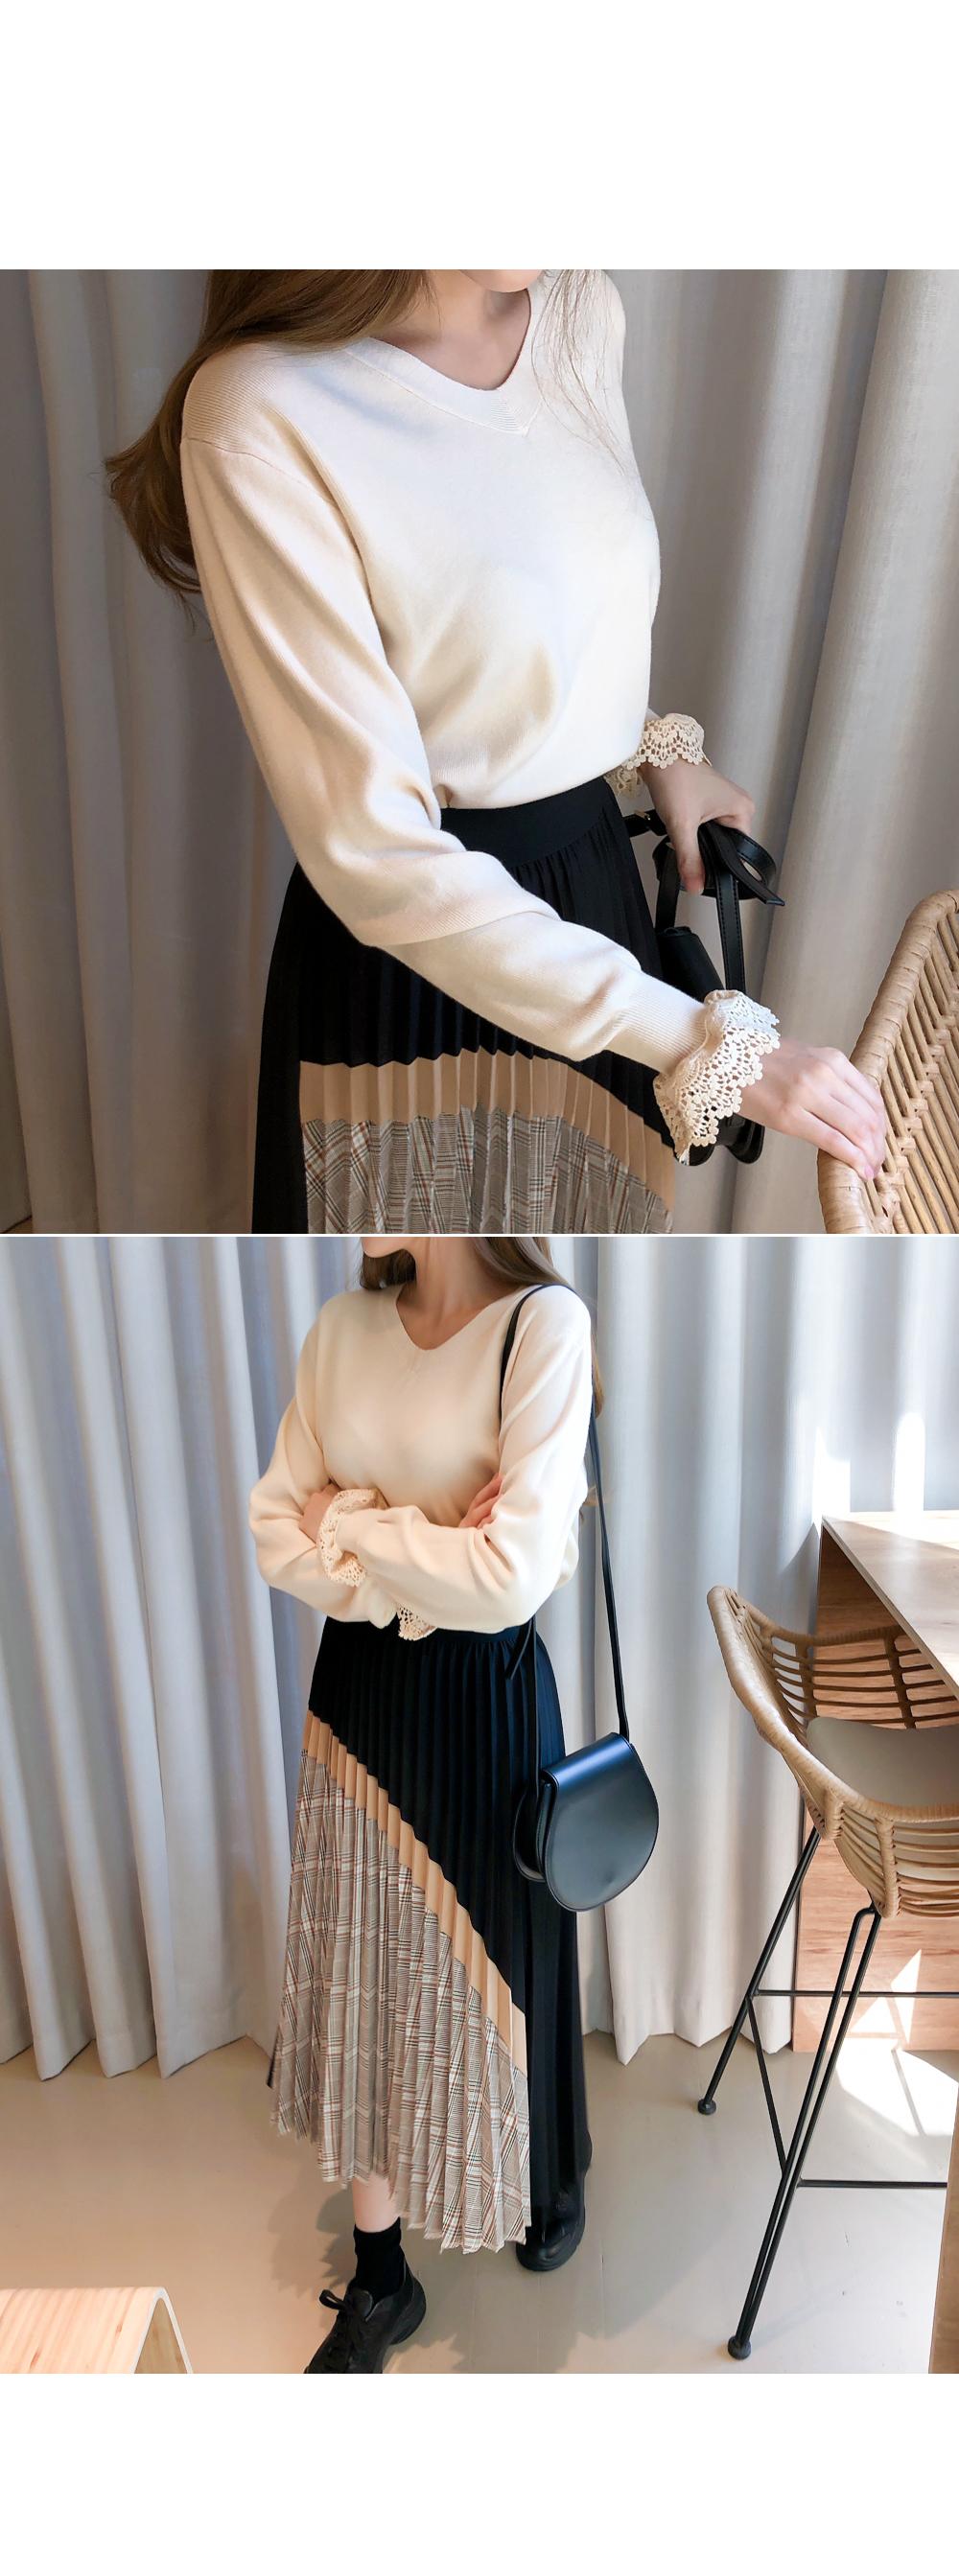 Light lace color knit